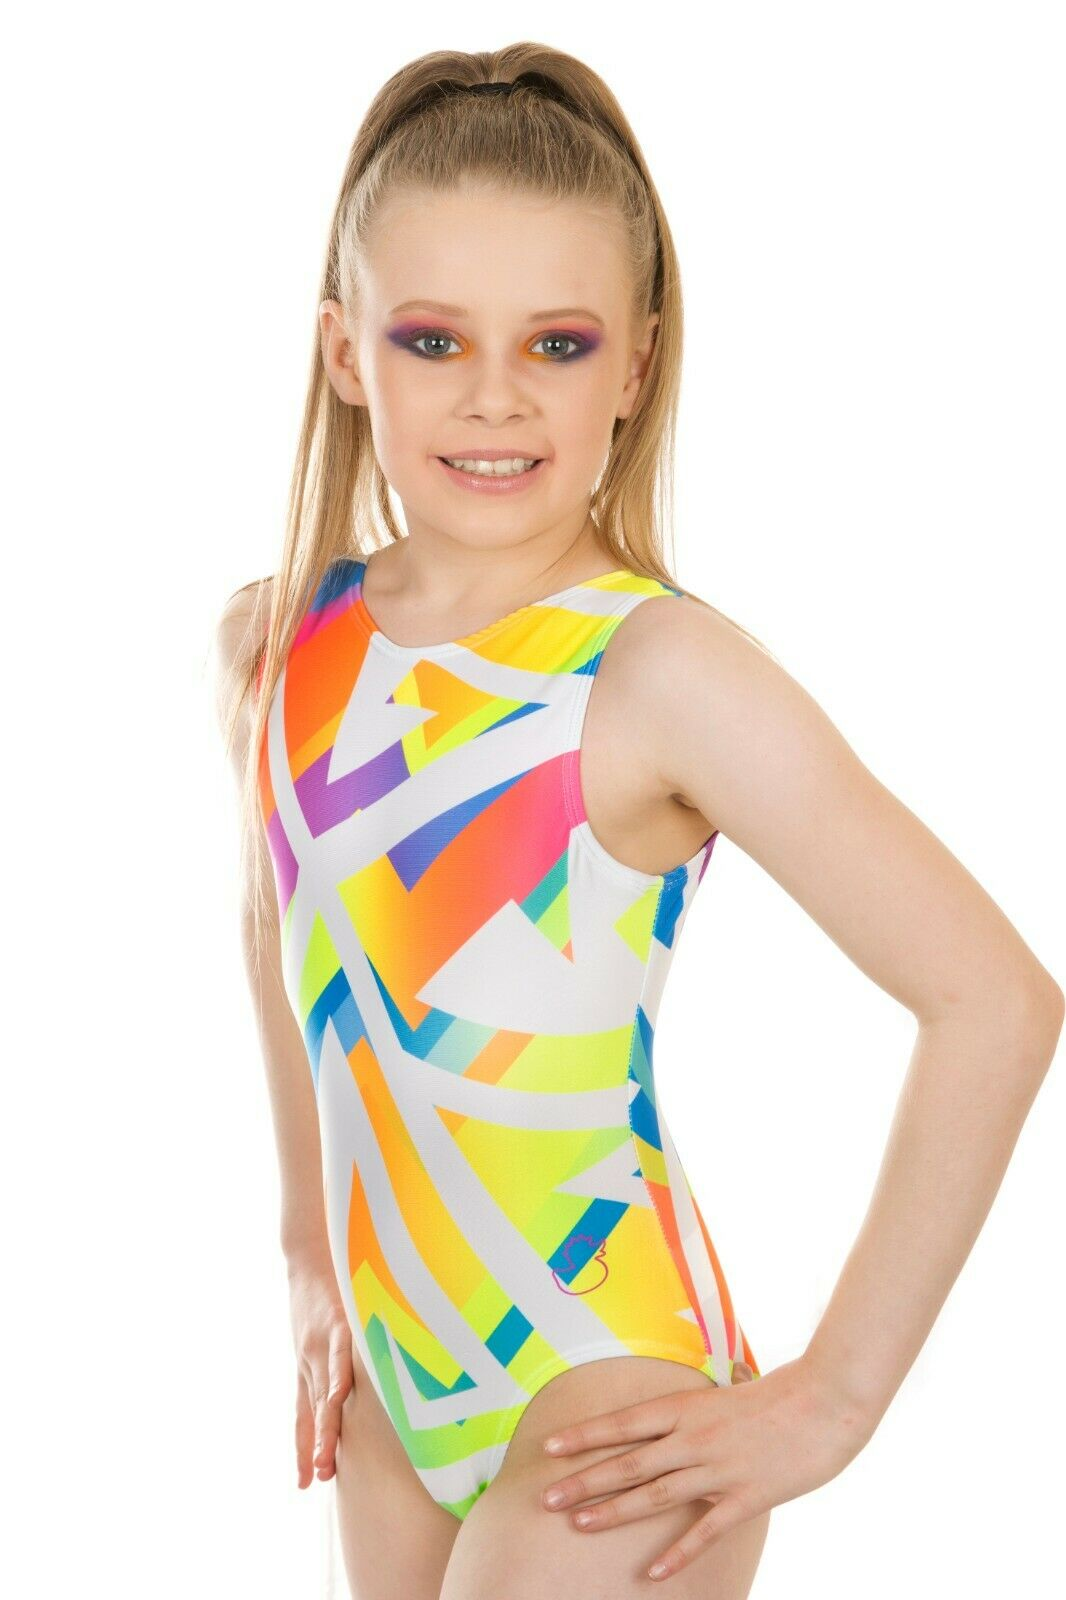 Jazzy Rainbow Girls Gymnastics Leotard Lycra Ballet Costume Dance Outfit 3-16Y